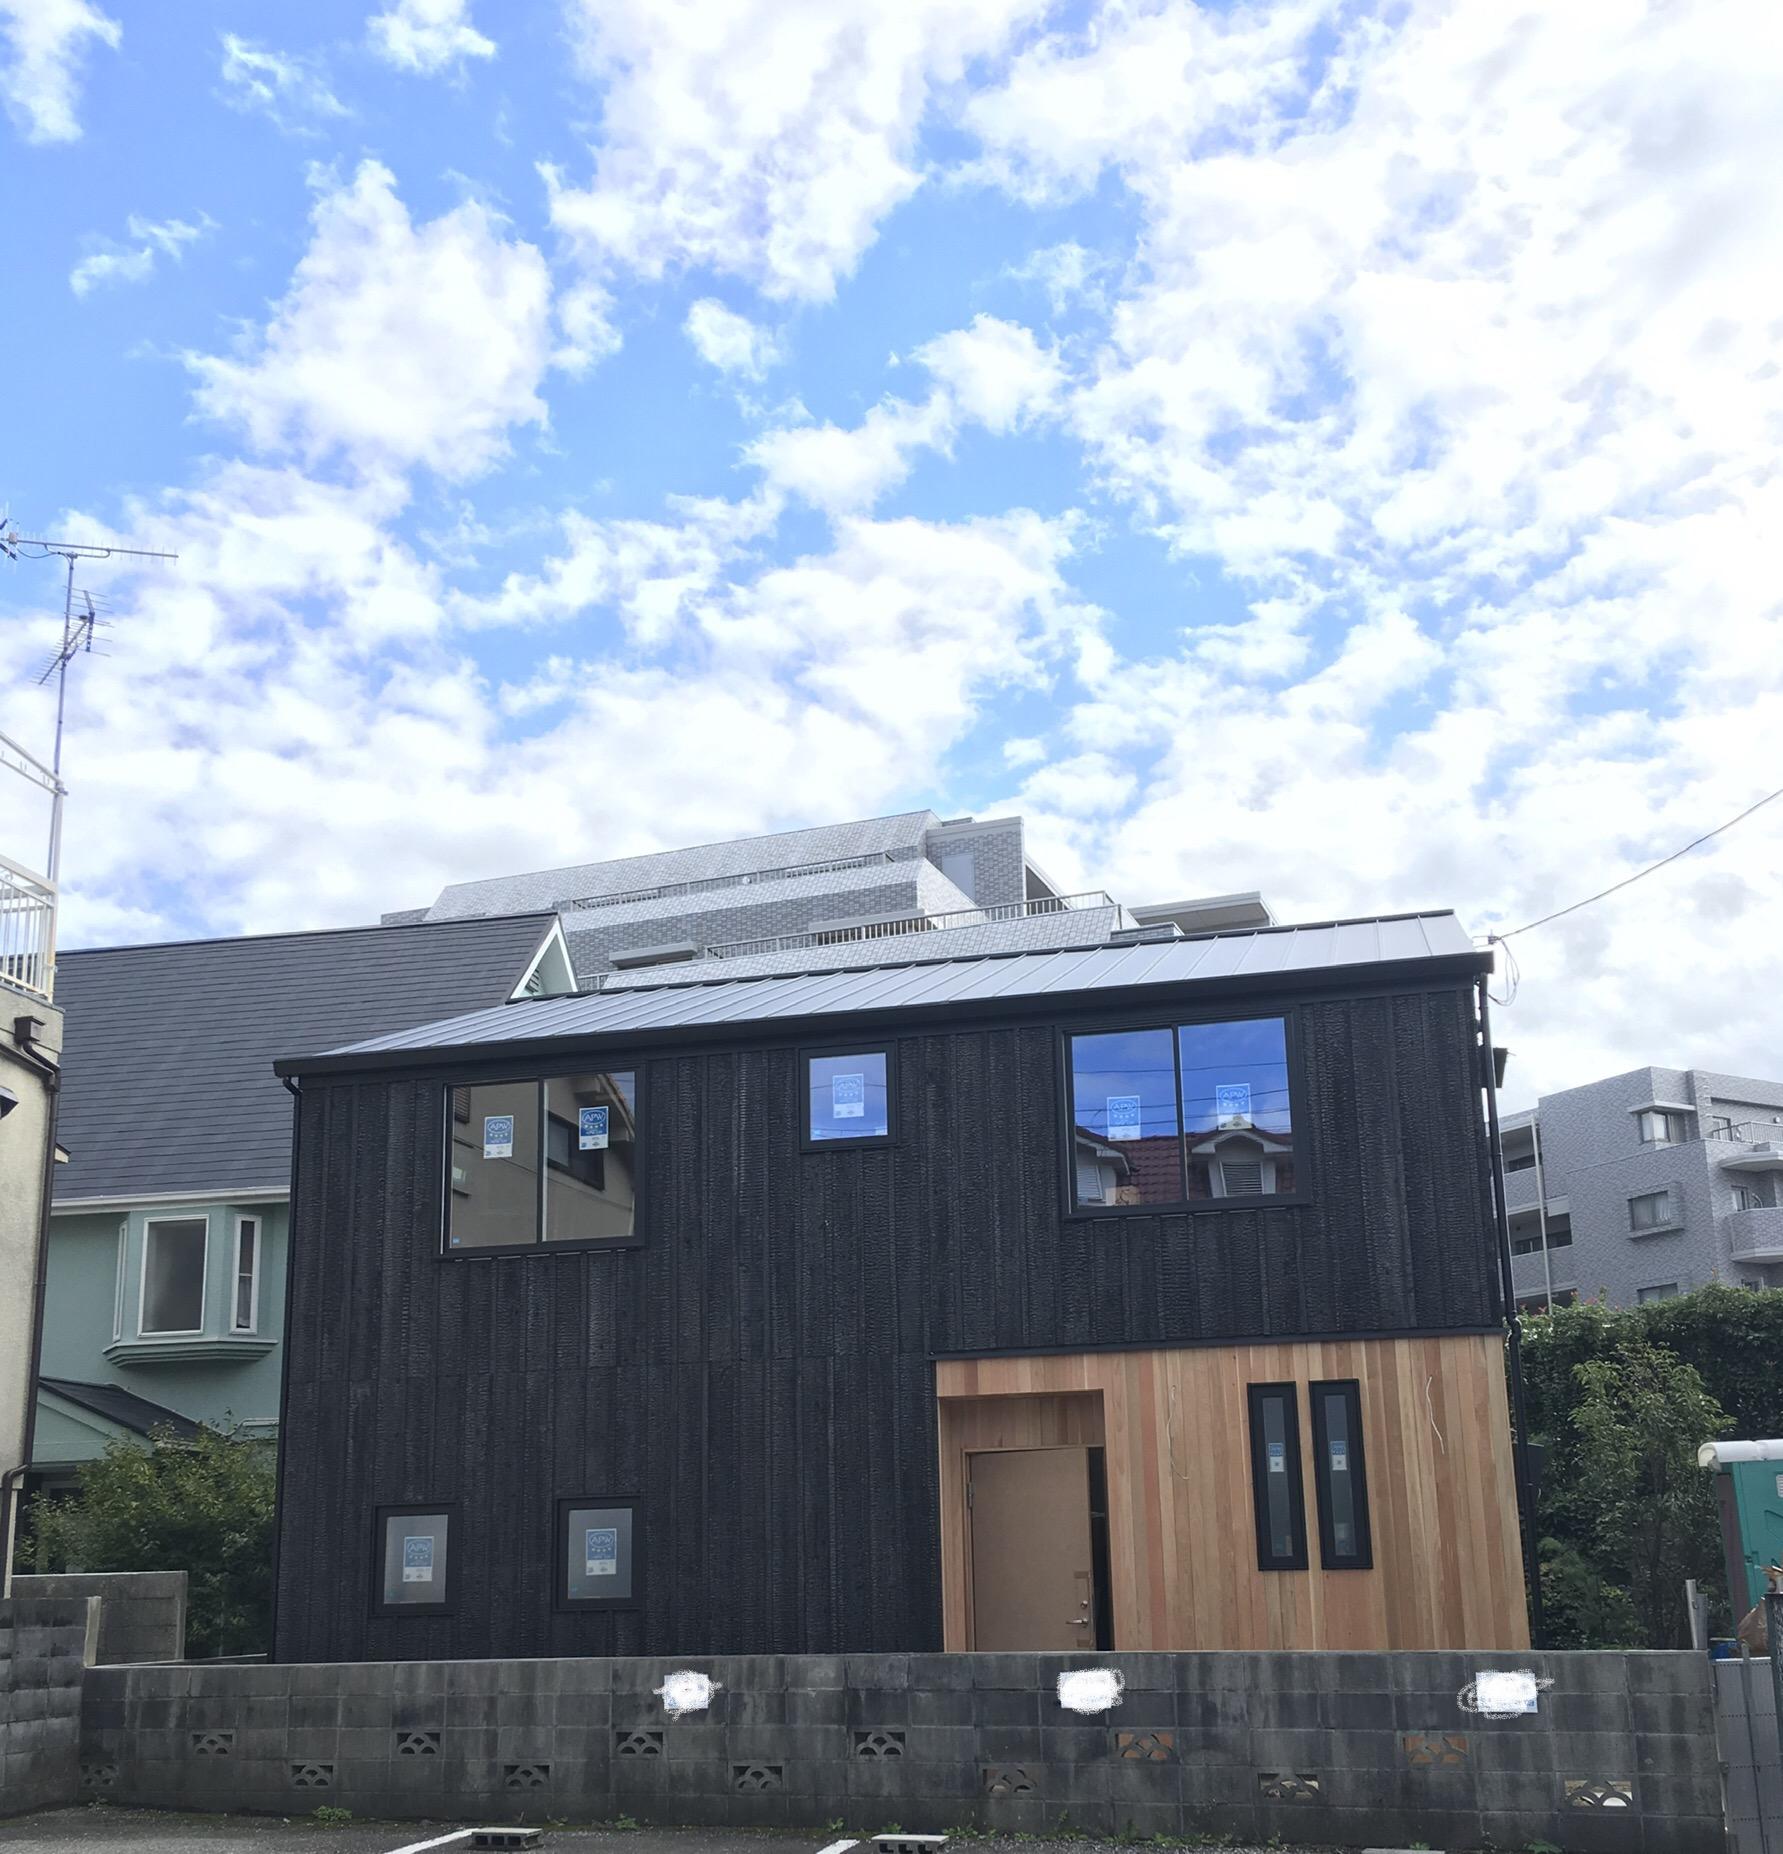 宝塚市逆瀬川の家20181013-6の画像